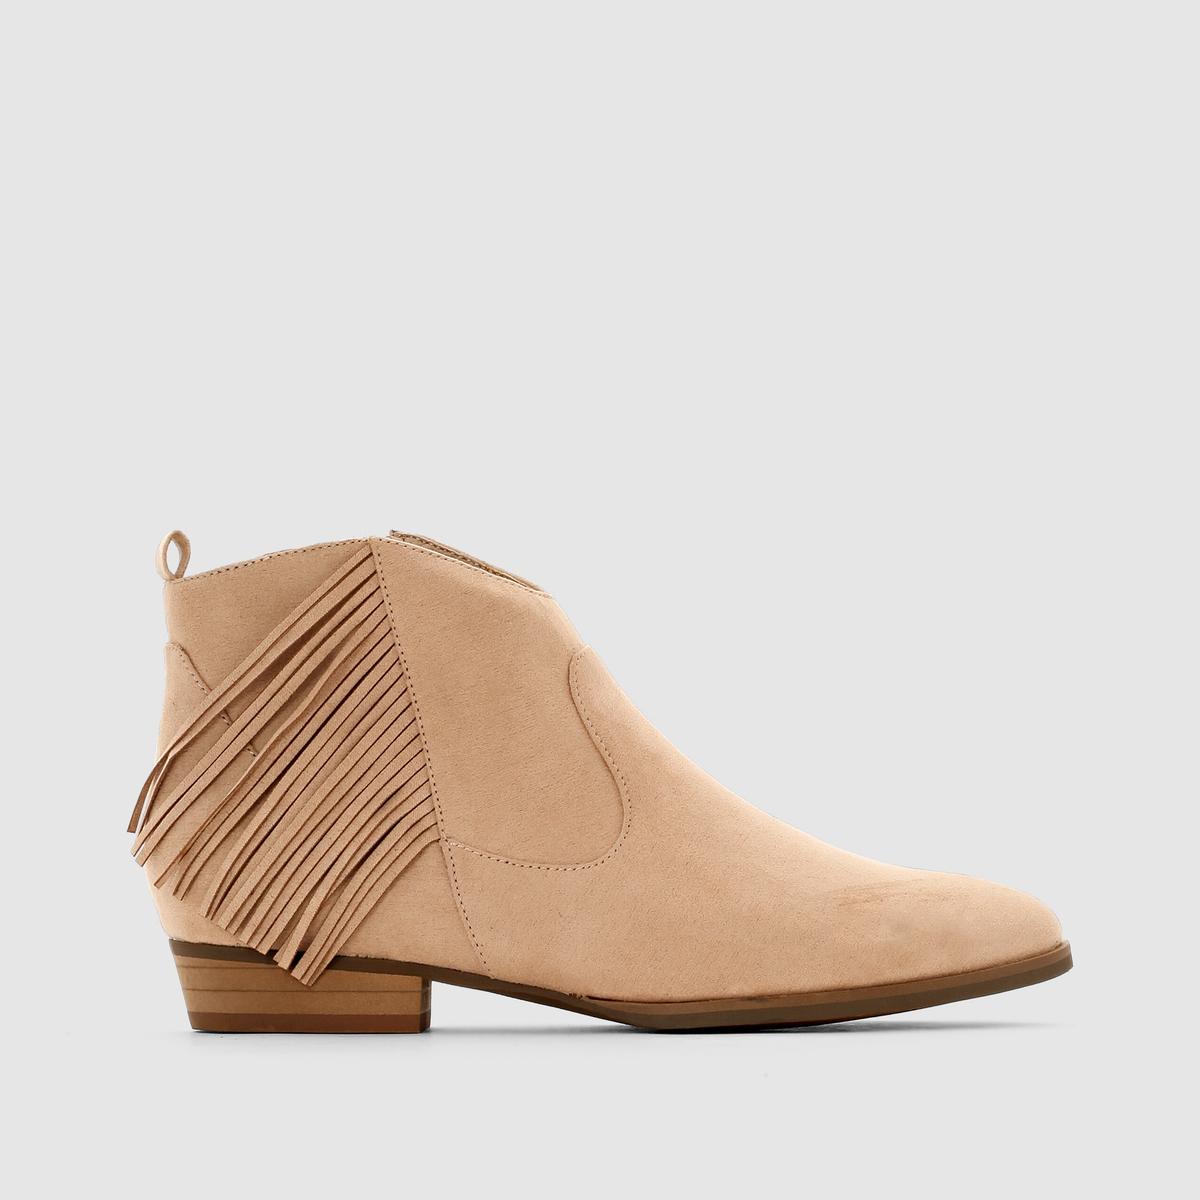 Ботинки в стиле вестернЛегкий намек на стиль вестерн благодаря отрезным деталям на щиколотке и бахроме по бокам.<br><br>Цвет: телесный<br>Размер: 41